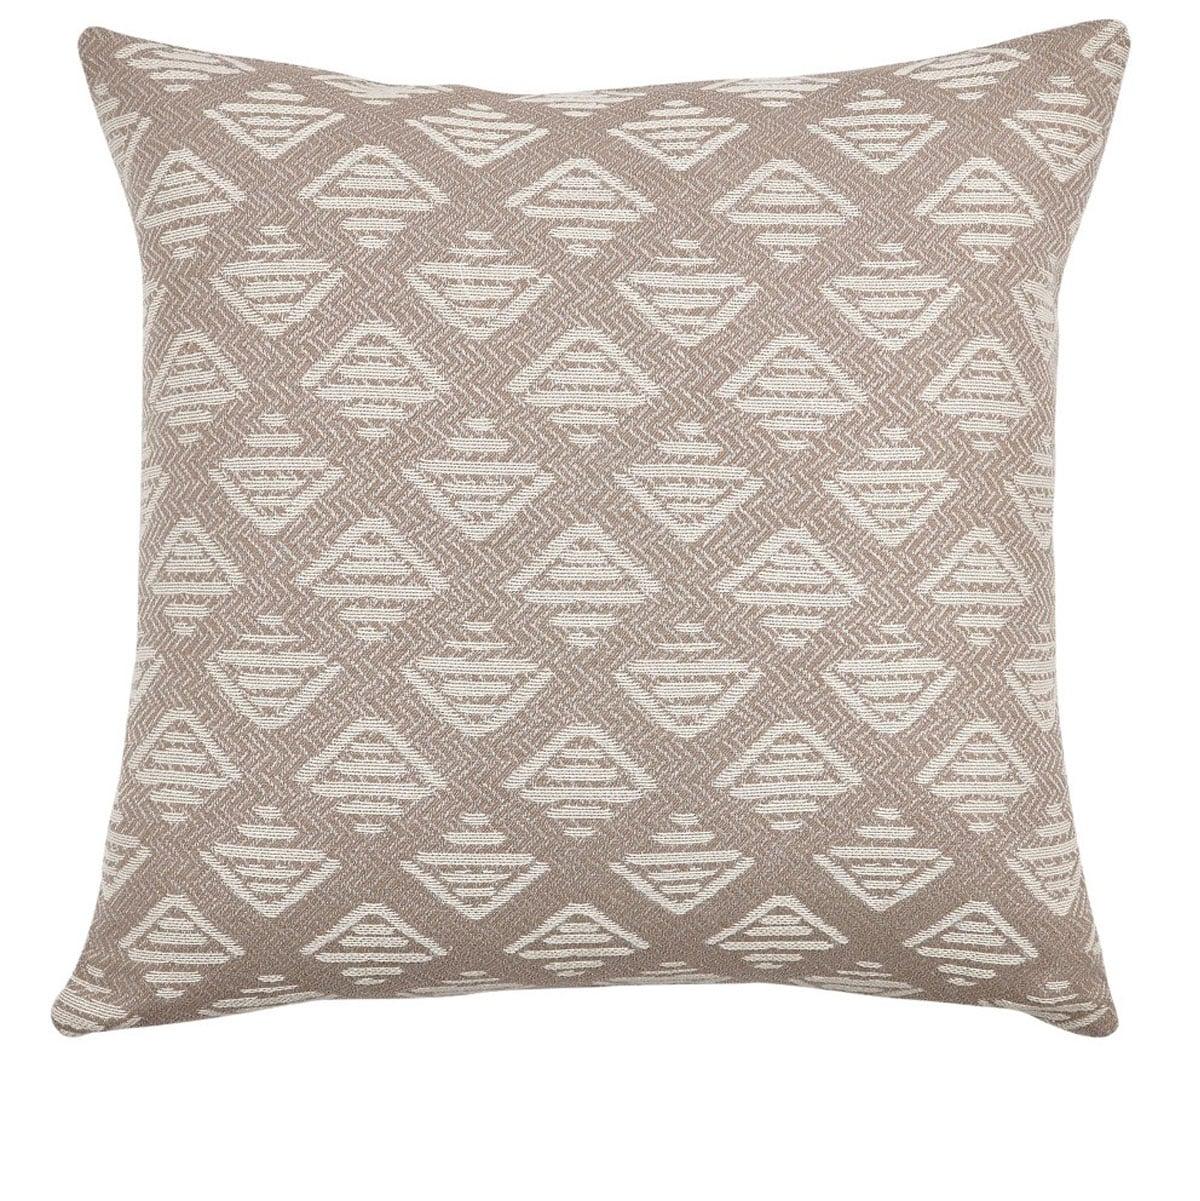 Μαξιλαροθήκη Διακοσμητική Top 12 Beige Kentia 50X50 Βαμβάκι-Polyester